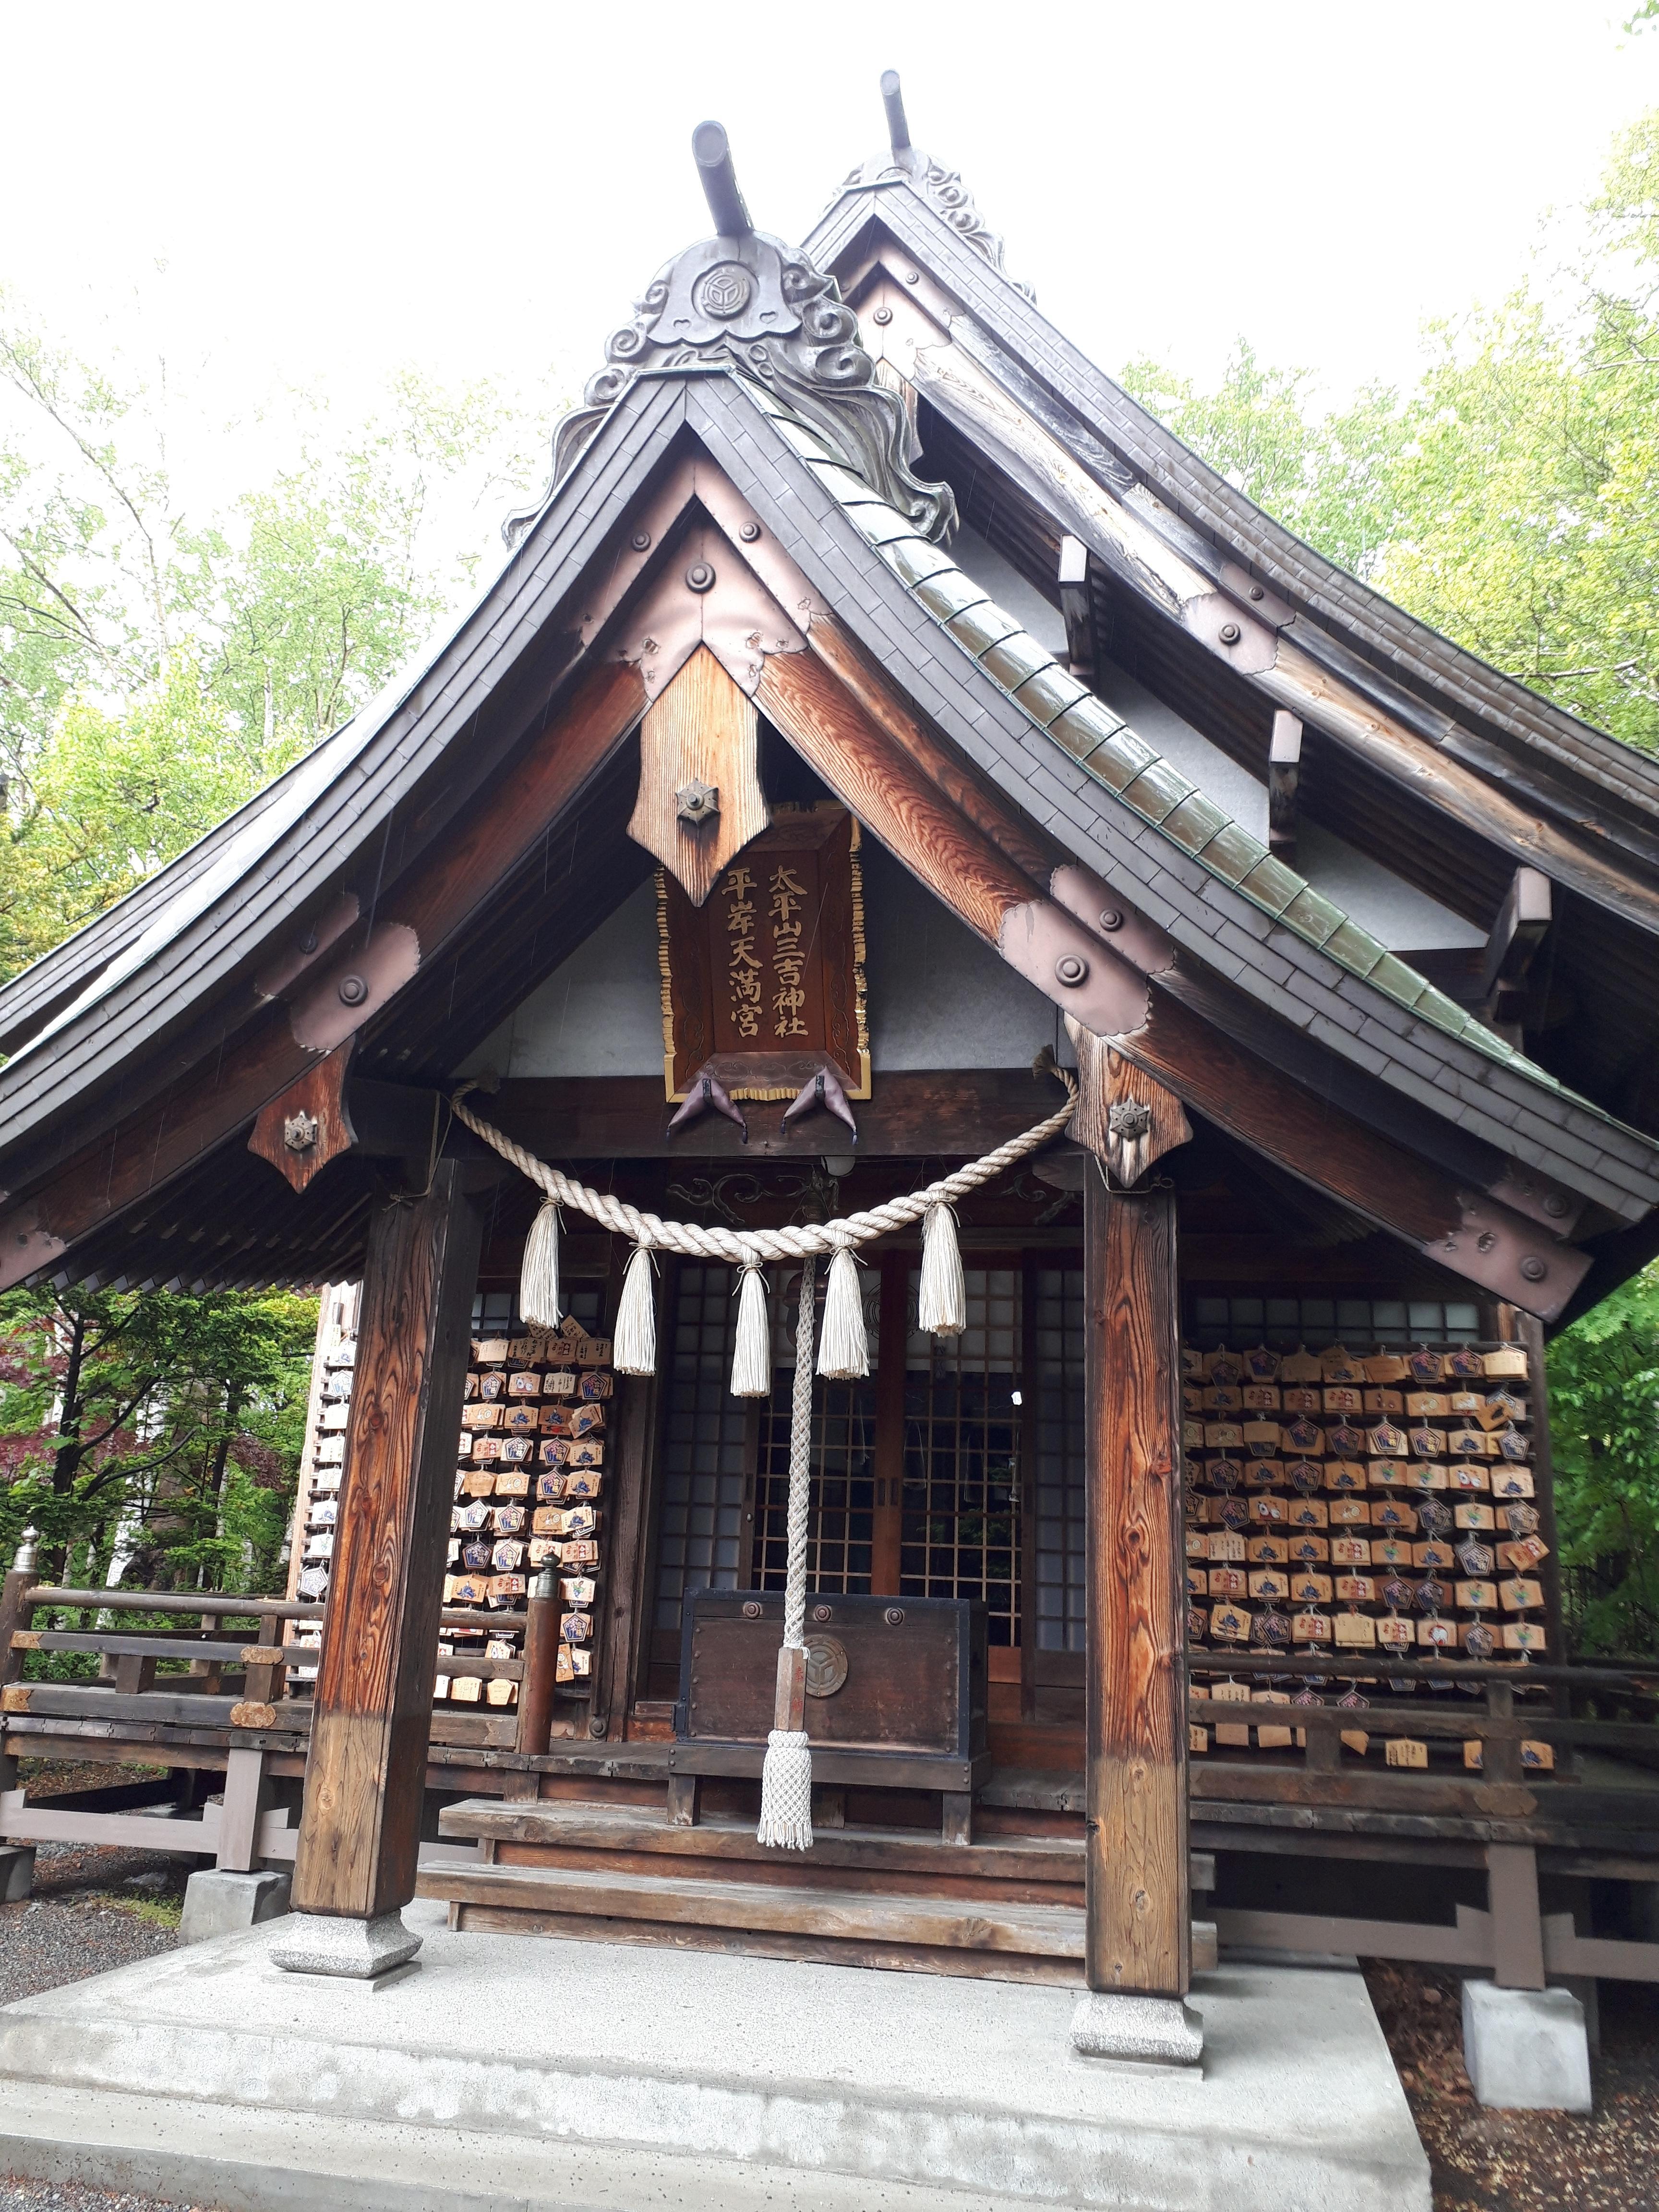 平岸天満宮・太平山三吉神社の本殿